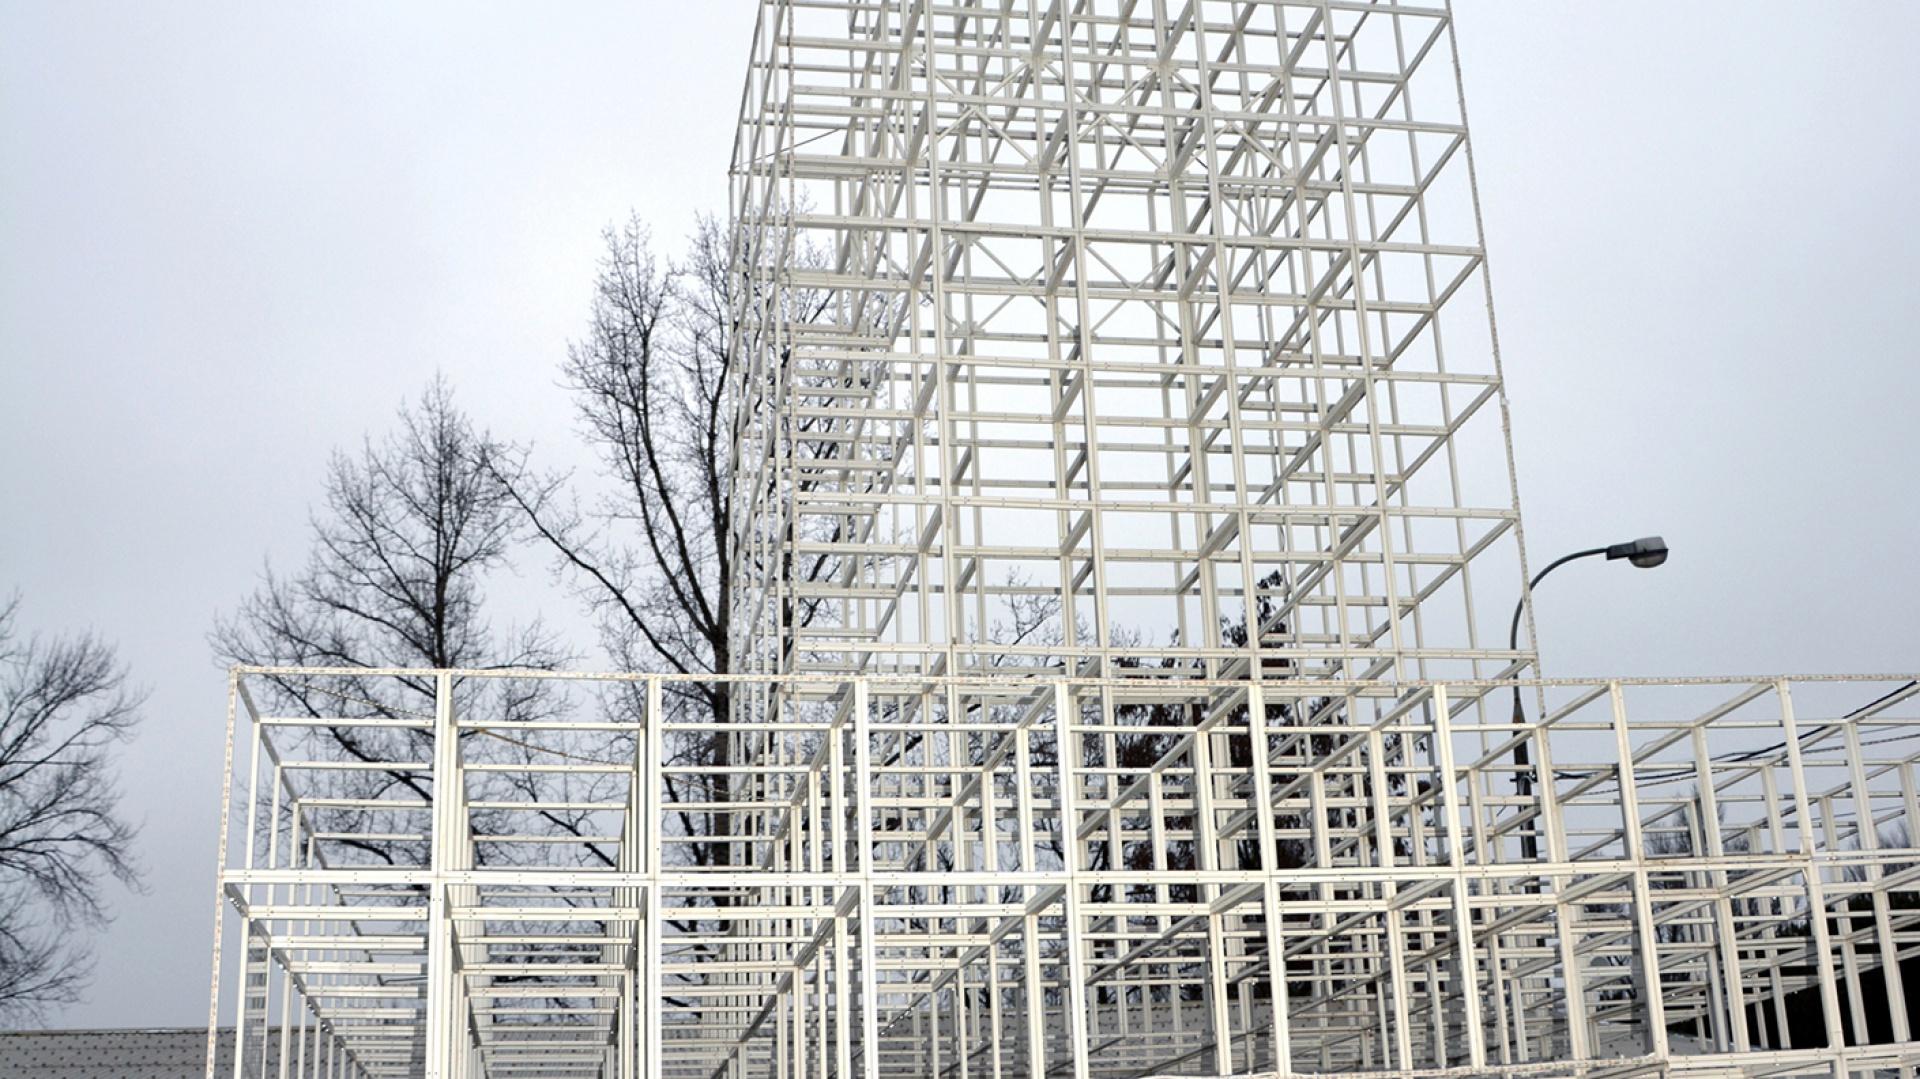 Instalacja przypominająca Pałac Nauki i Kultury. Fot. GRID